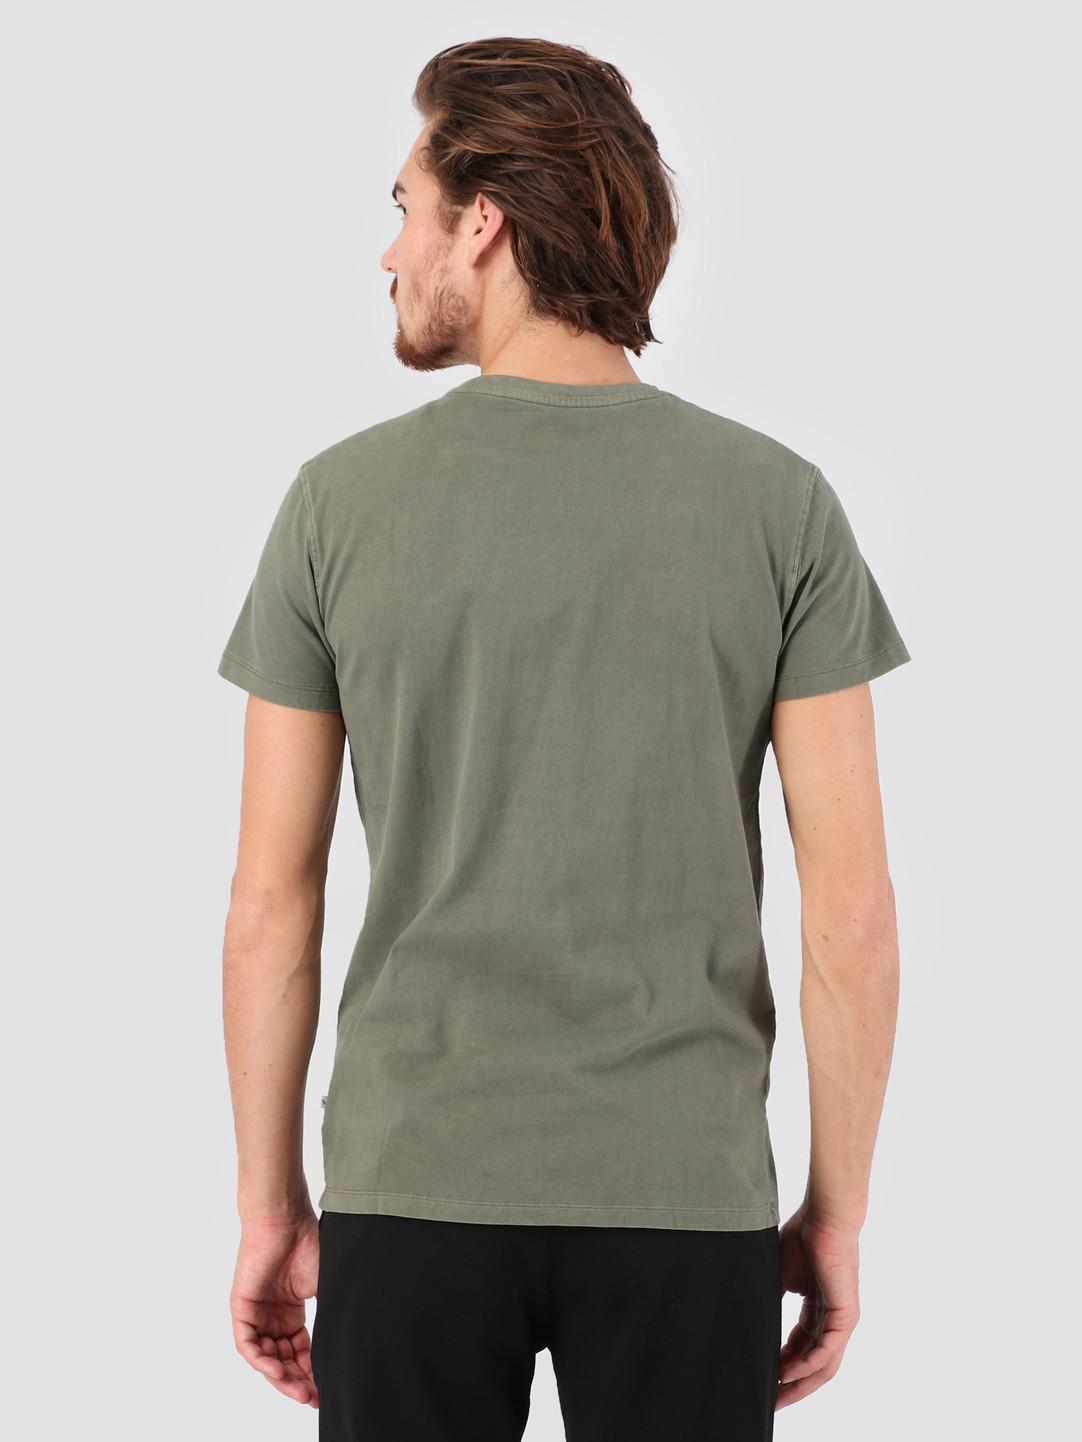 Kronstadt Kronstadt Hey Ho Basic T-Shirt Moos KS2455